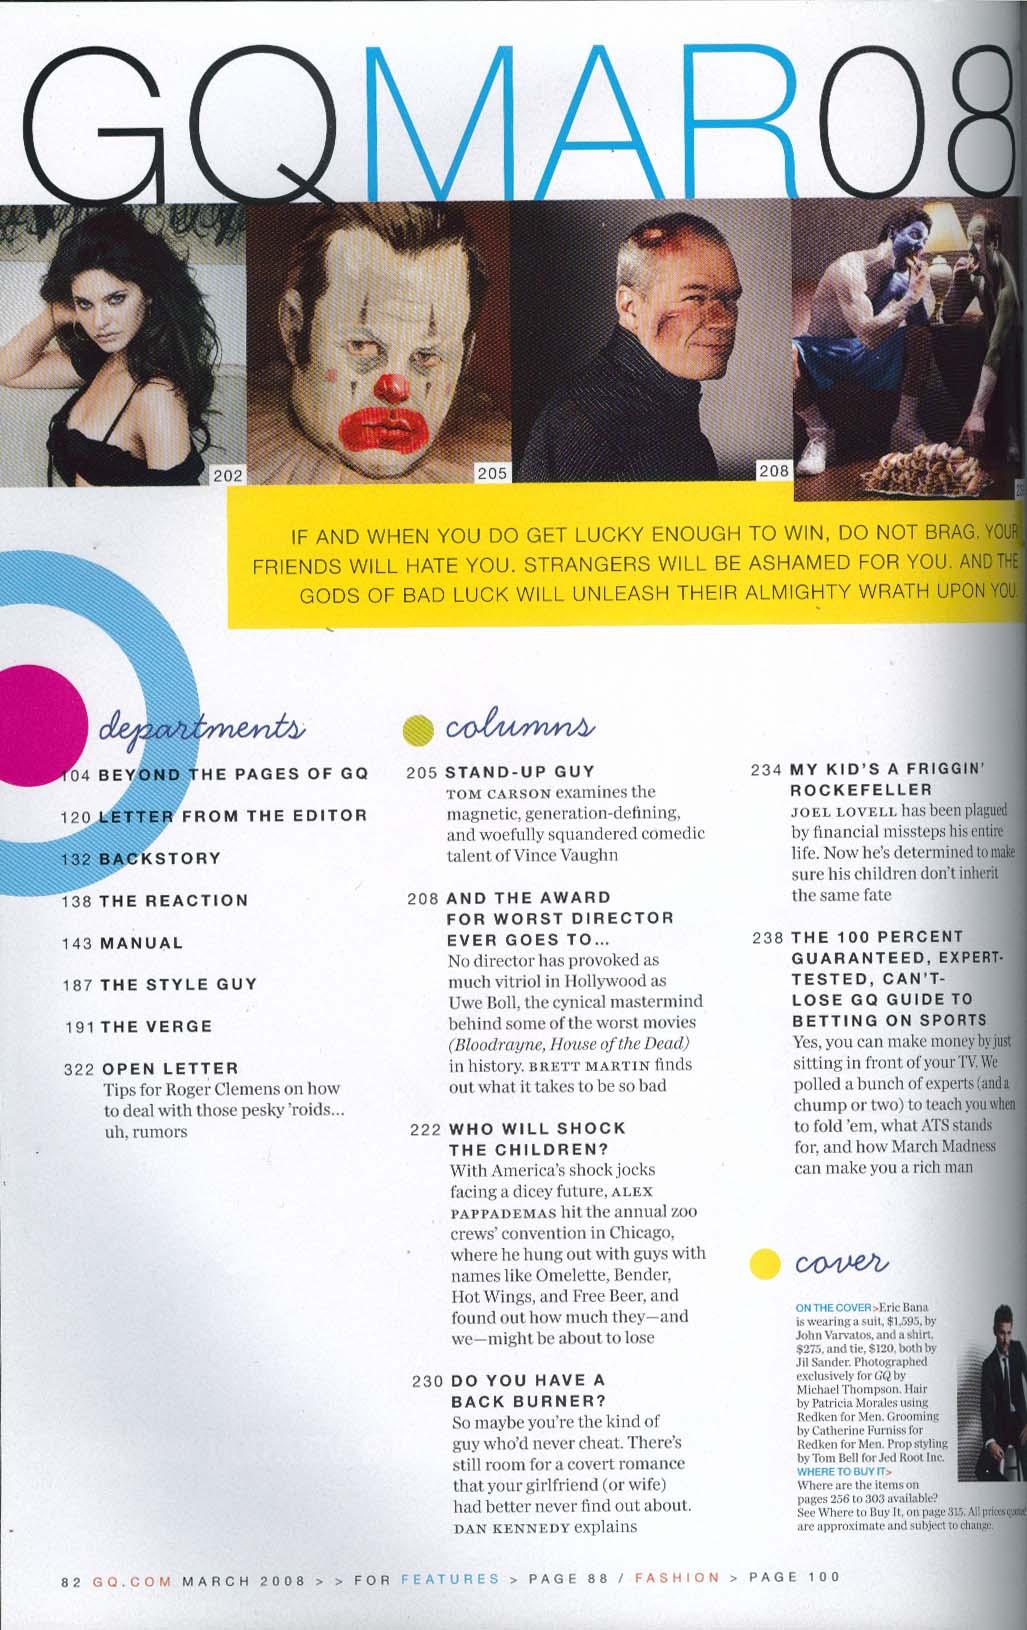 GQ Eric Bana Hillary Clinton Mitt Romney Vince Vaughn Uwe Boll 3 2008